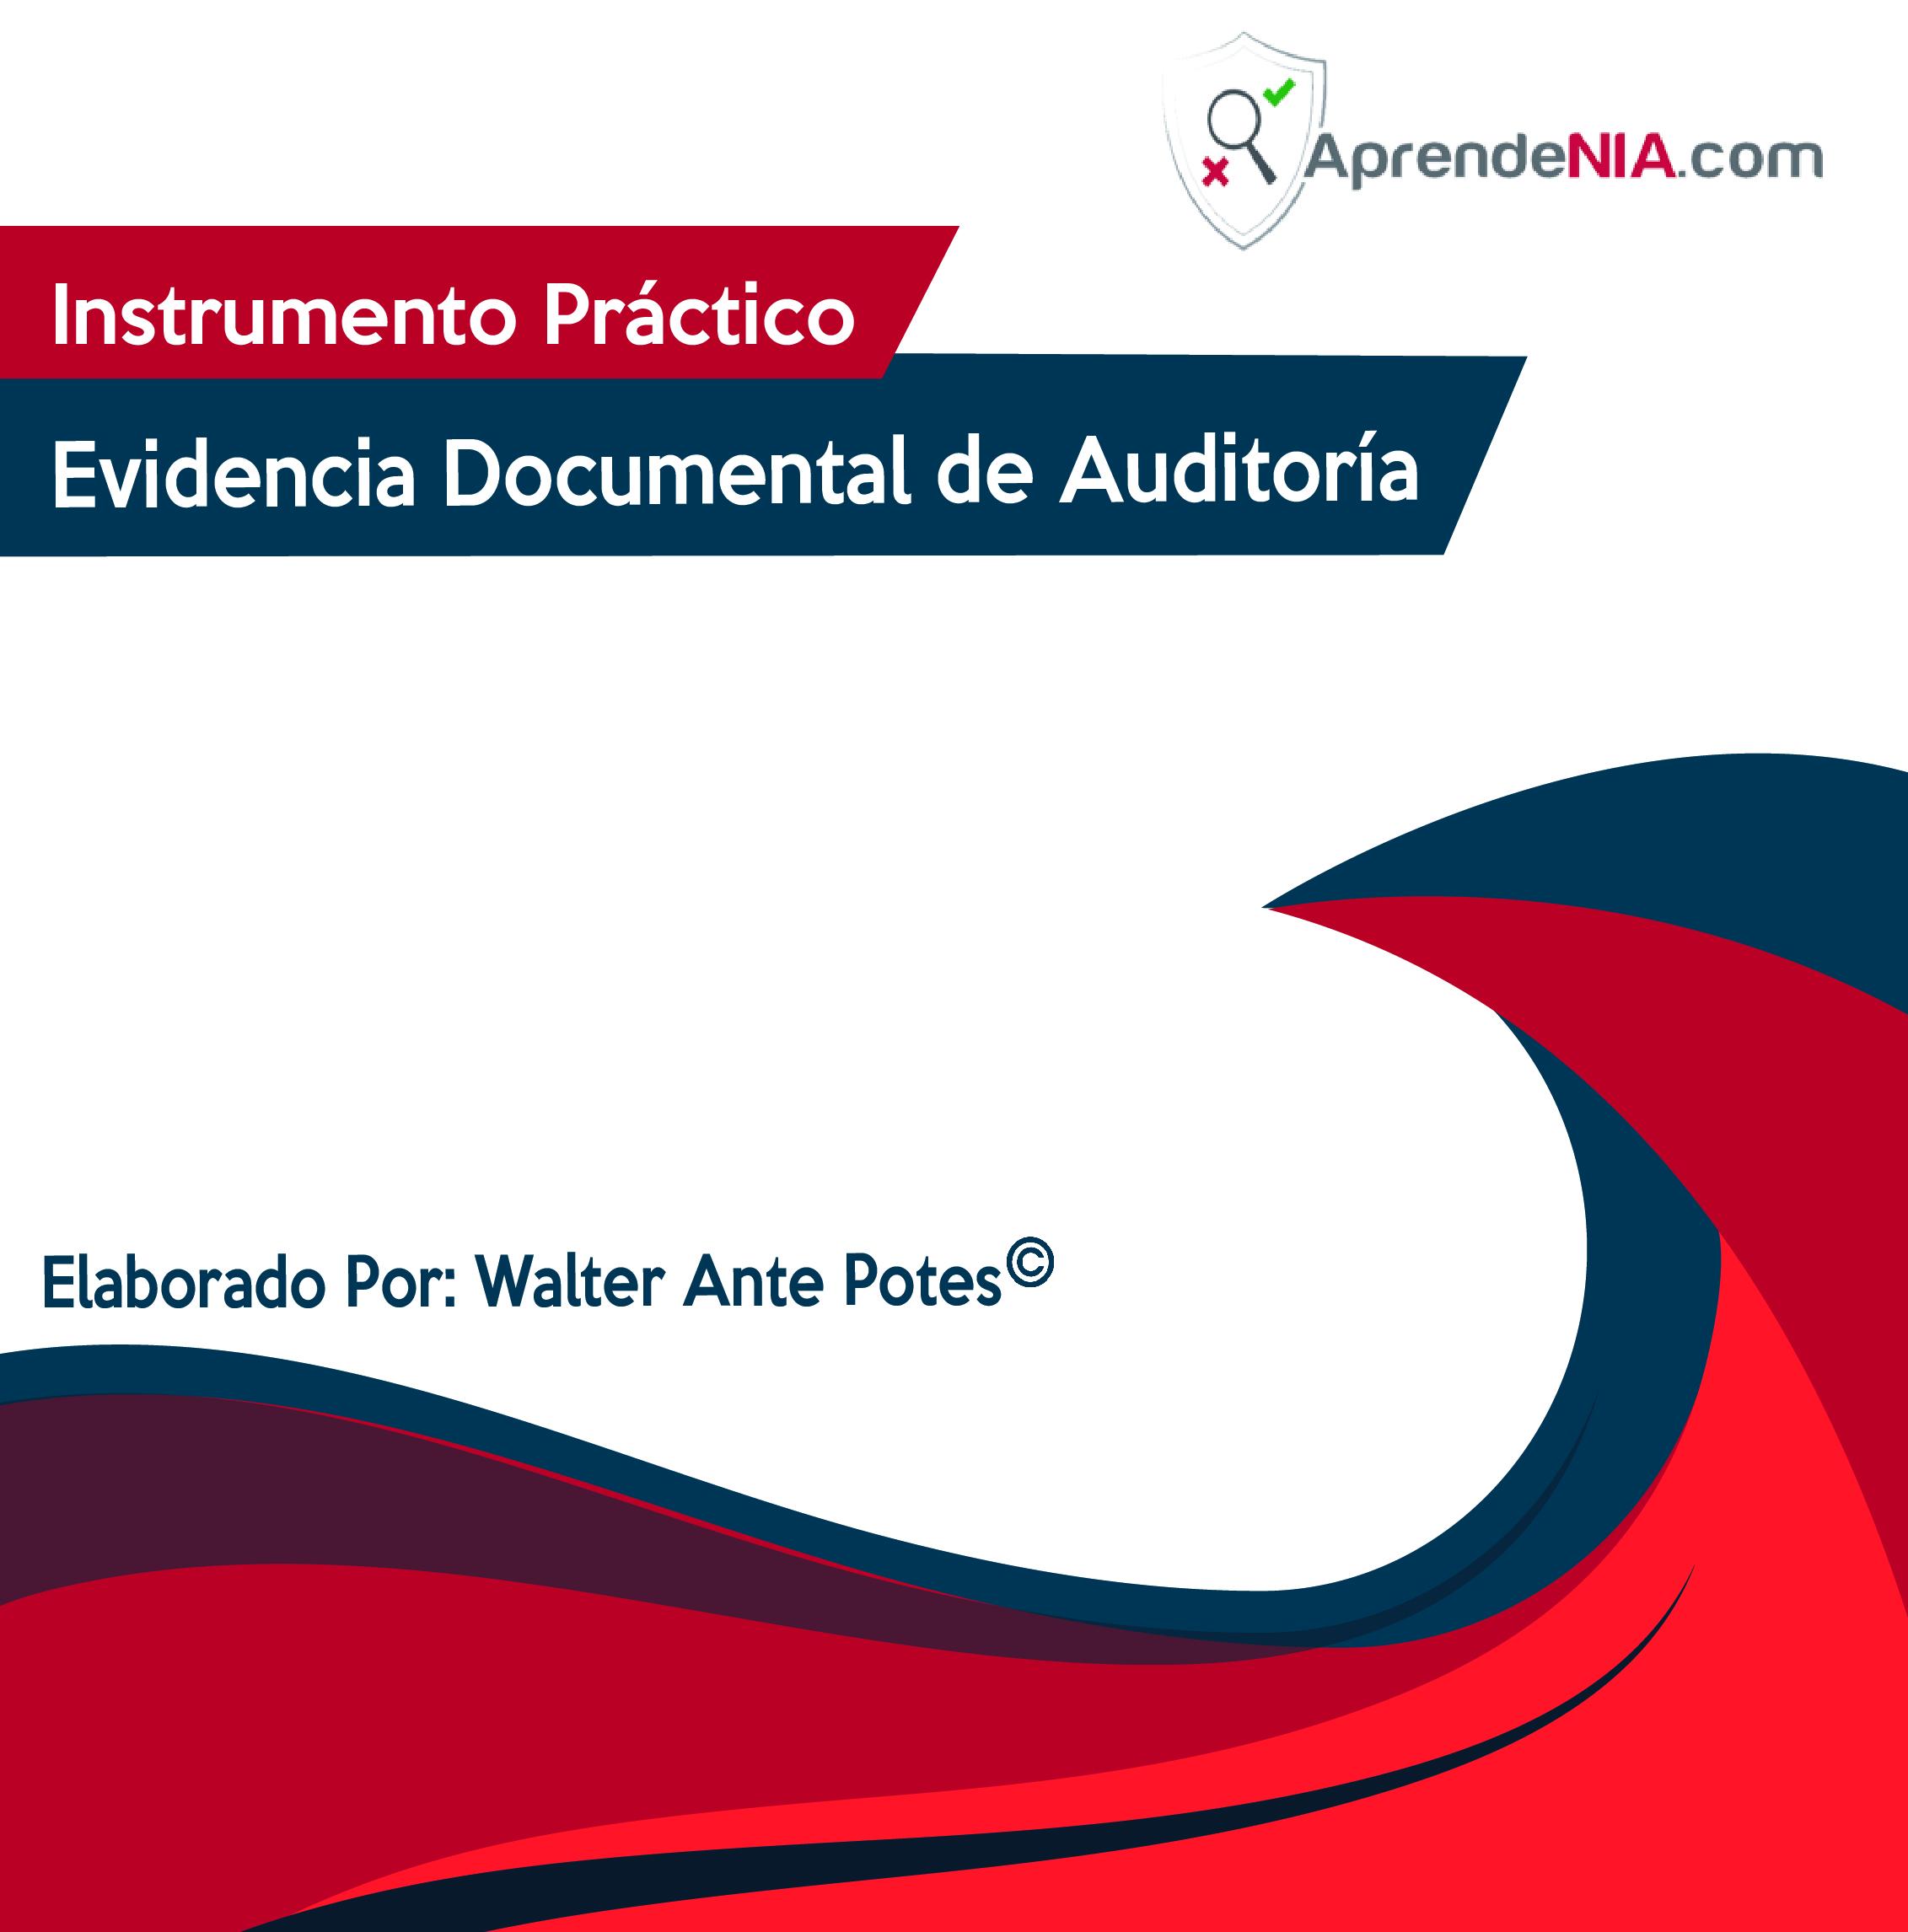 Instrumento Práctico Evidencia Documental de Auditoría